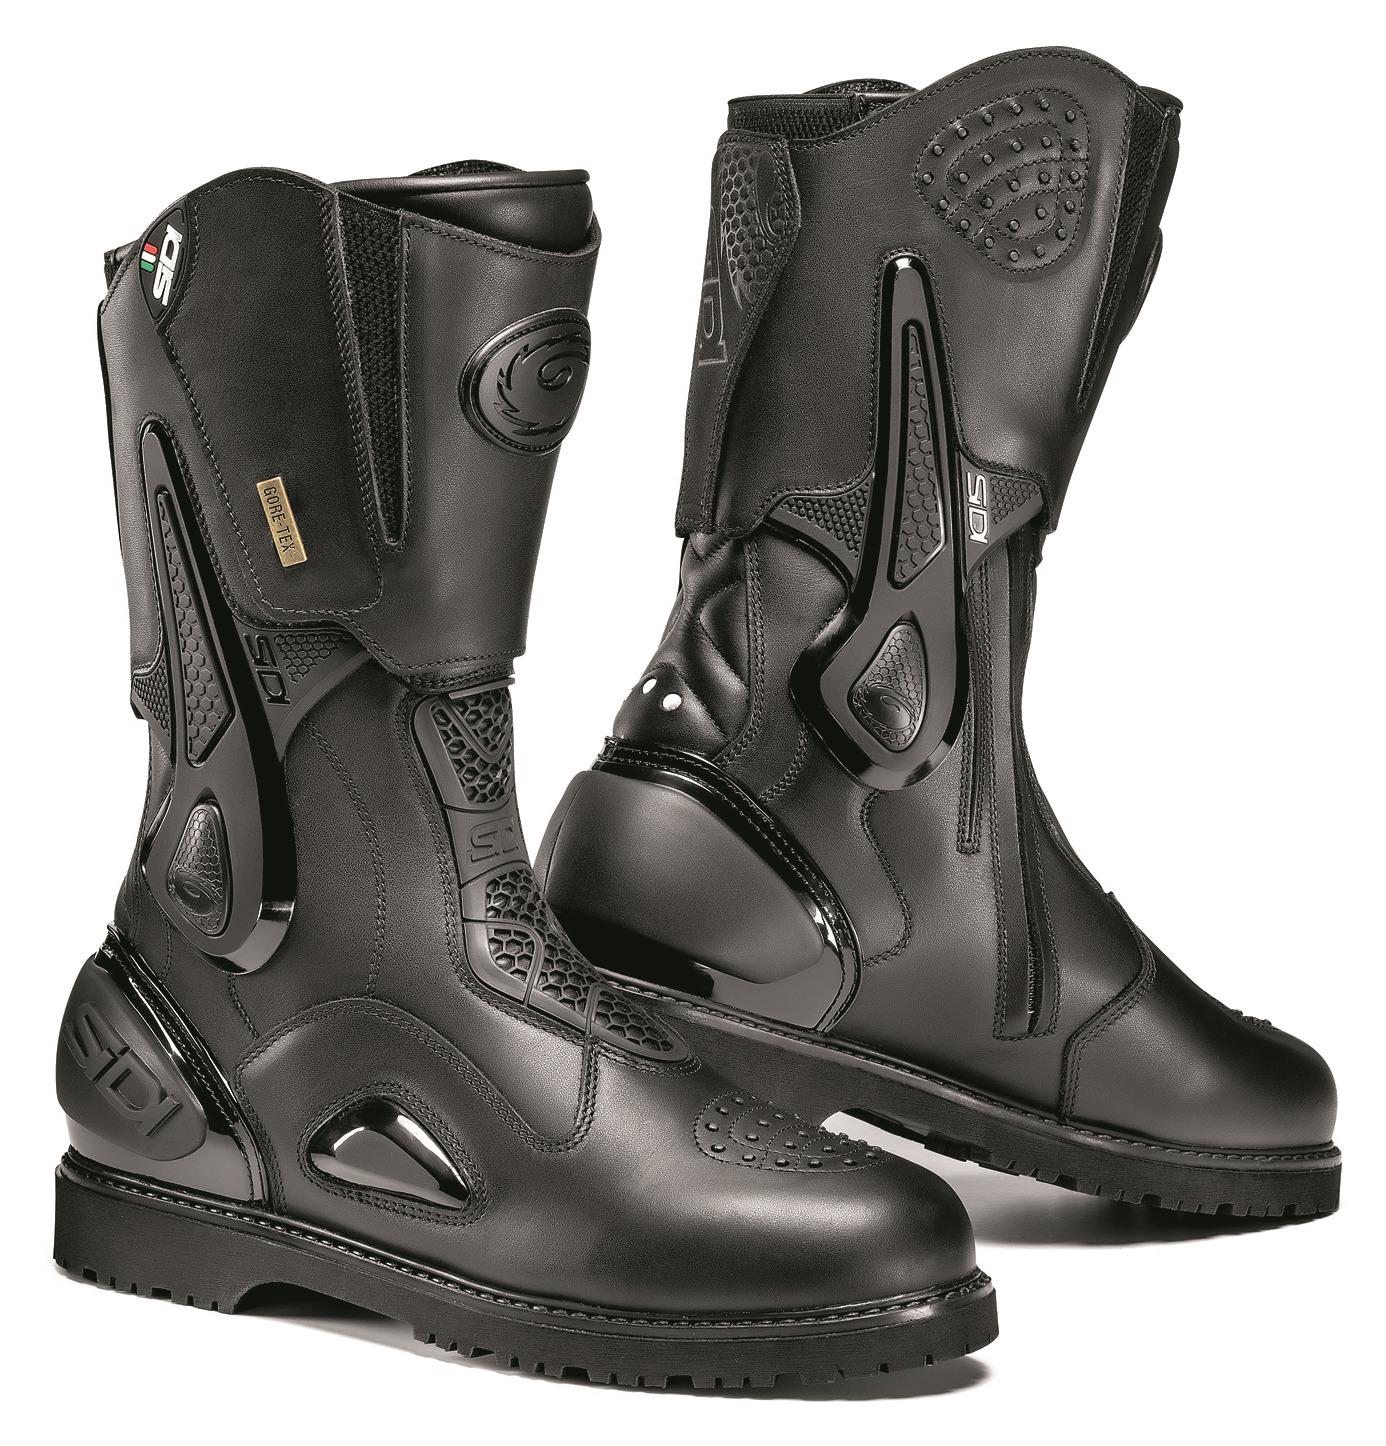 SIDI Armada Gore-Tex Boots - RevZilla